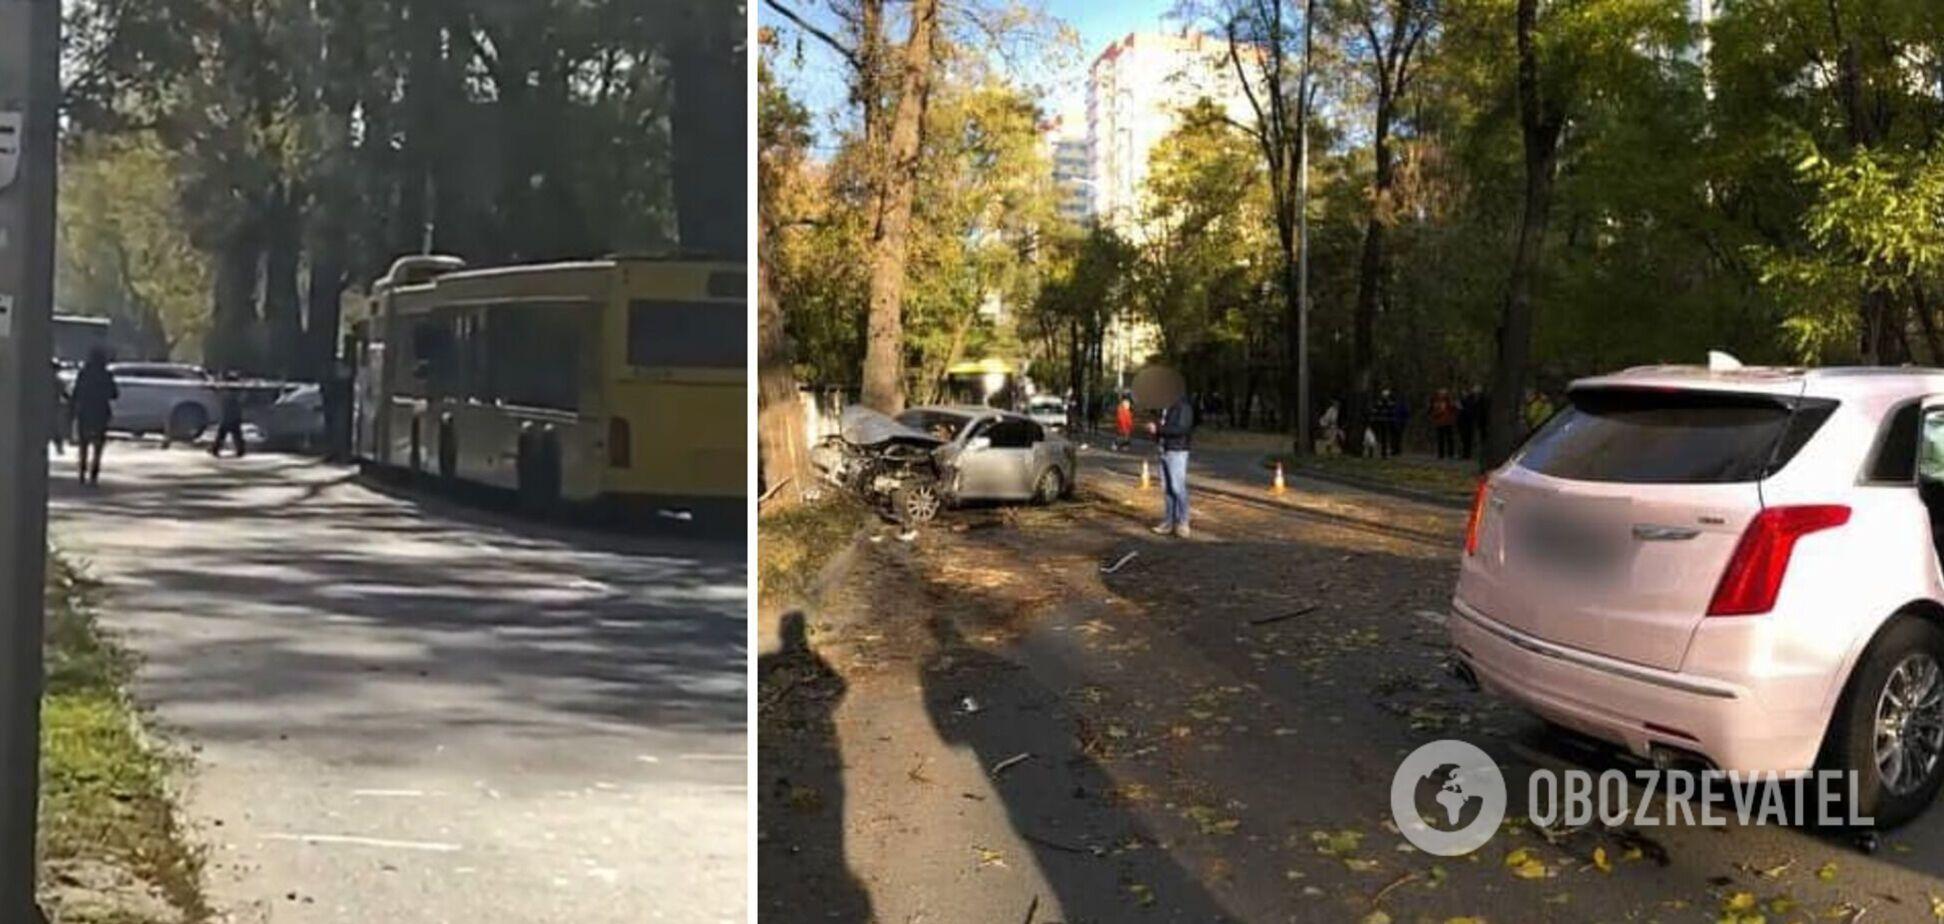 Через аварію тимчасово перекривали рух на місці події